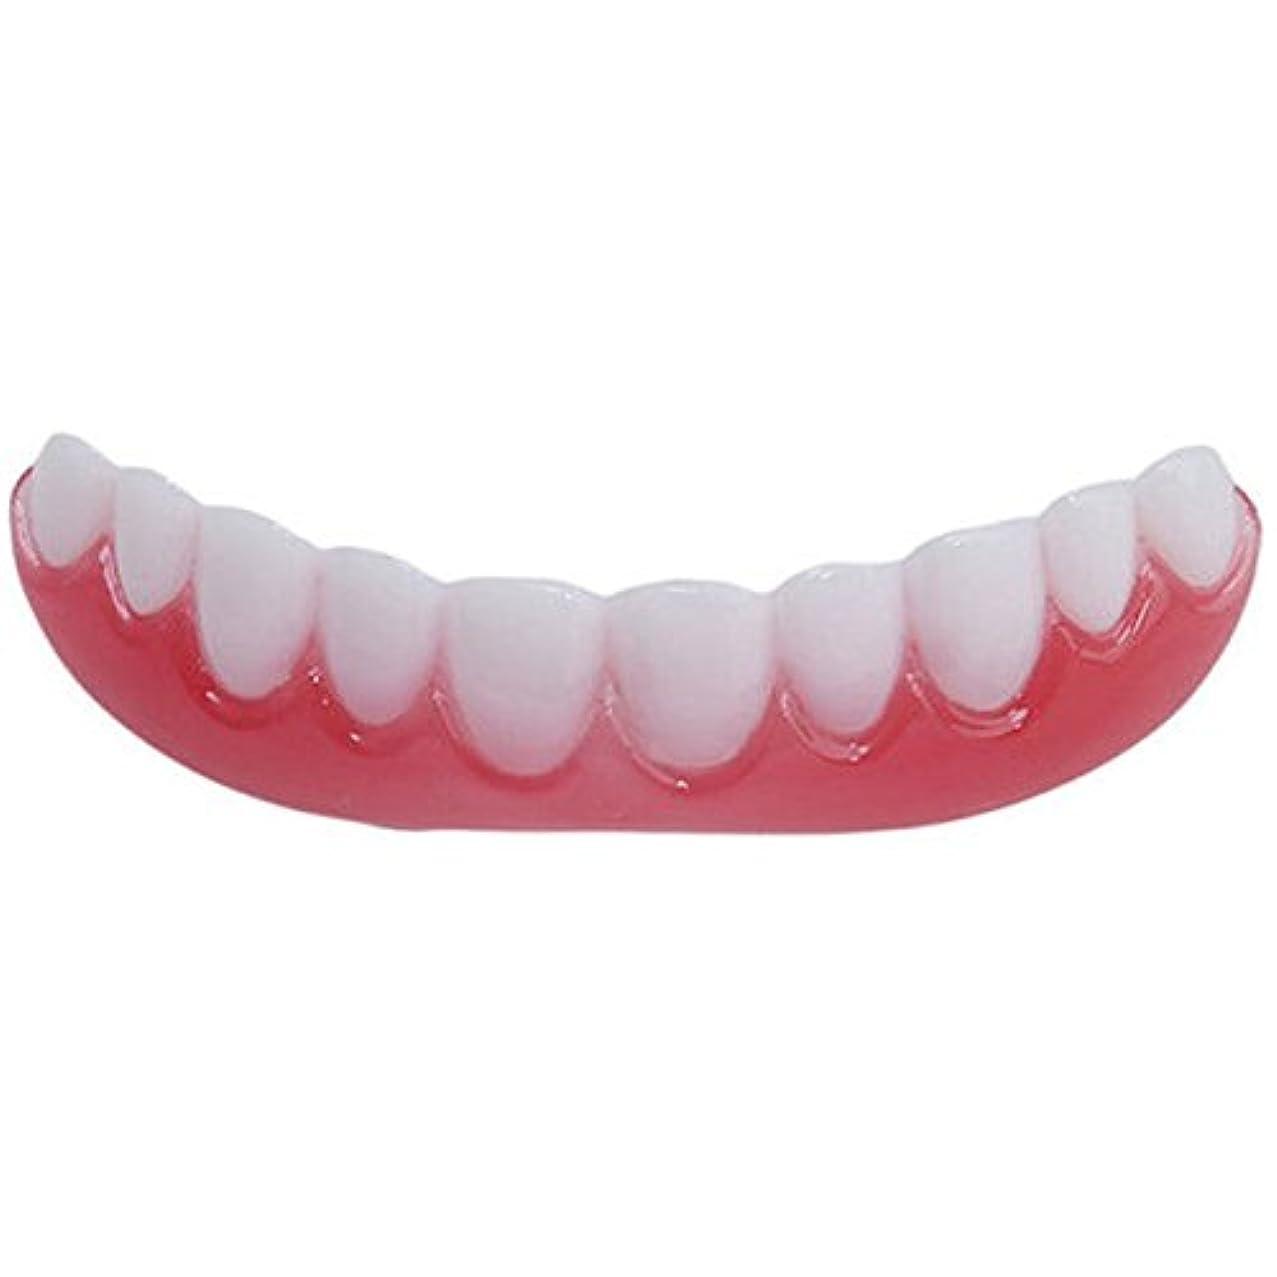 不十分輸血大胆Fashionwu 矯正 義歯 シリコン スマイル ベニア シミュレーション フレックス ペースト